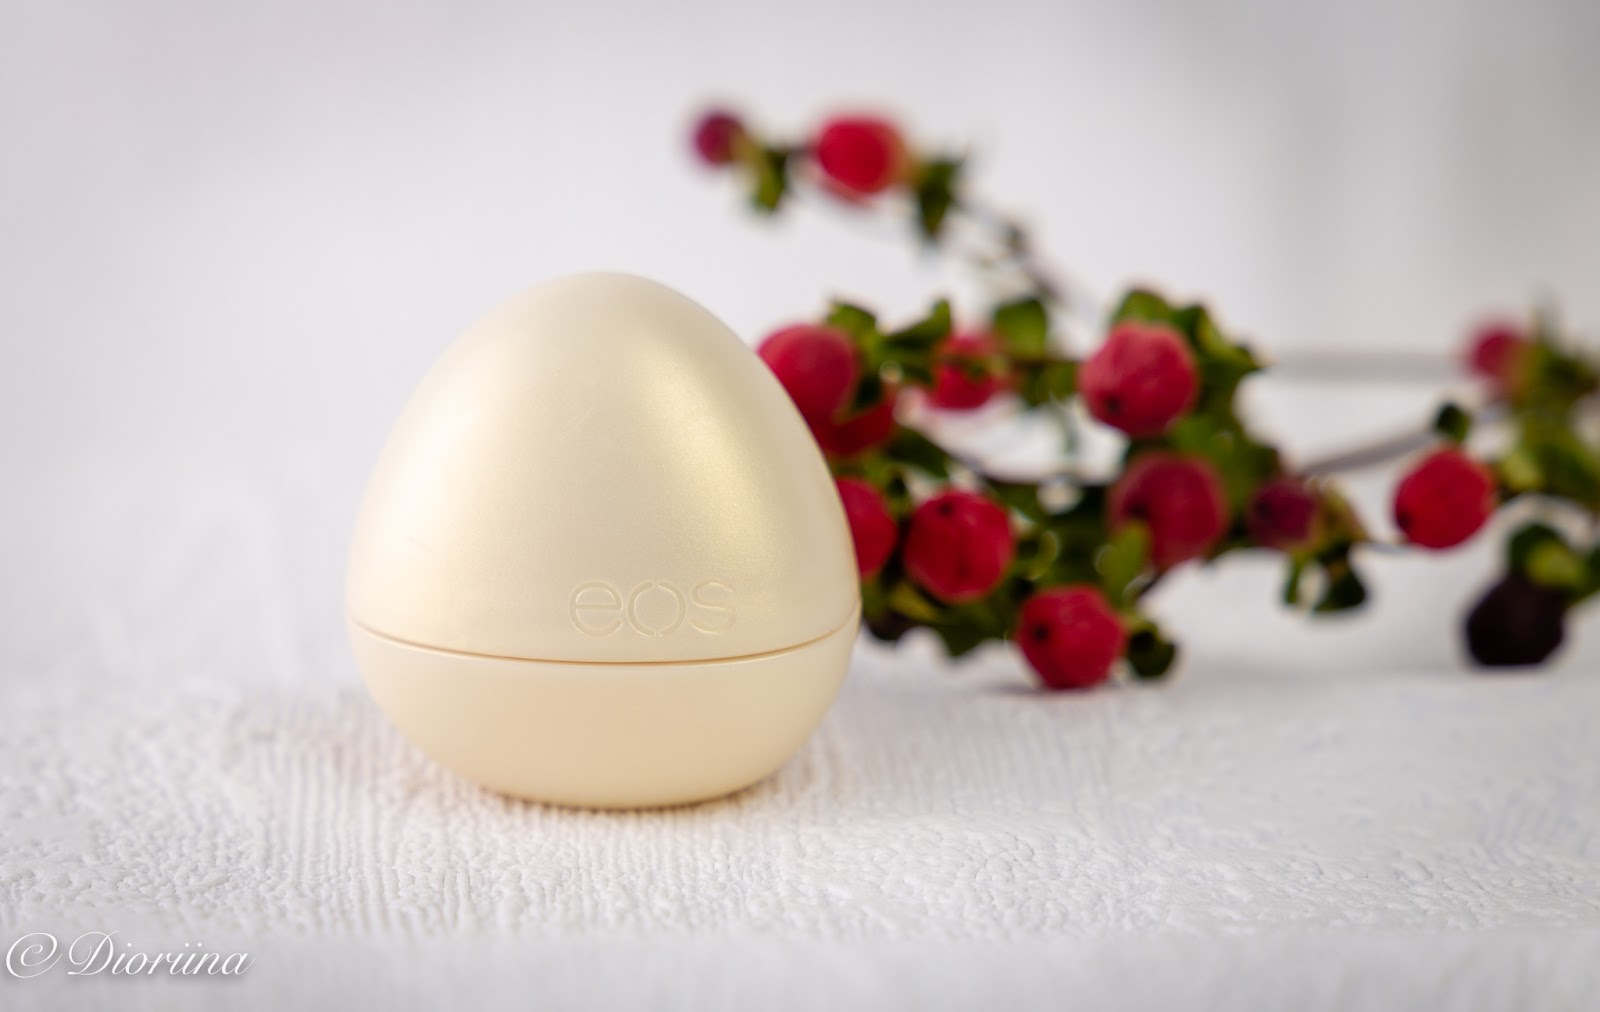 munanmuotoinen rasia